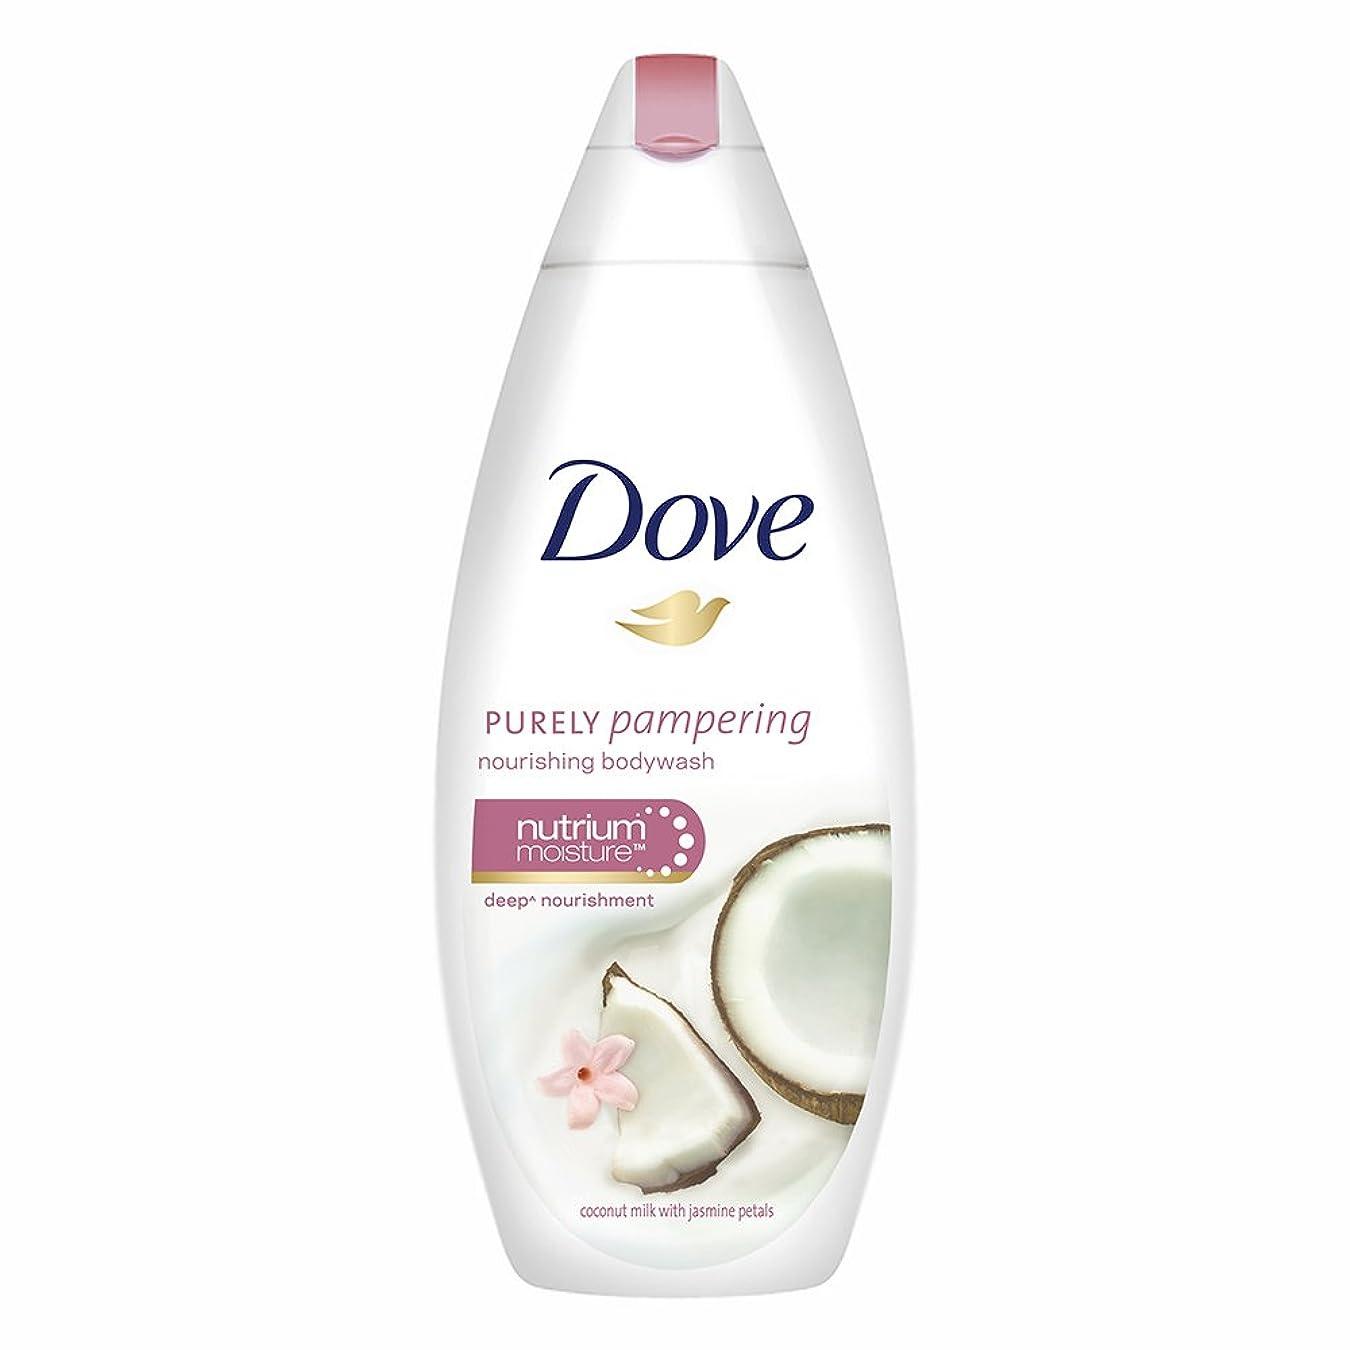 アンケート制約謝るDove Purely Pampering Coconut Milk and Jas Petals Body Wash, 190ml